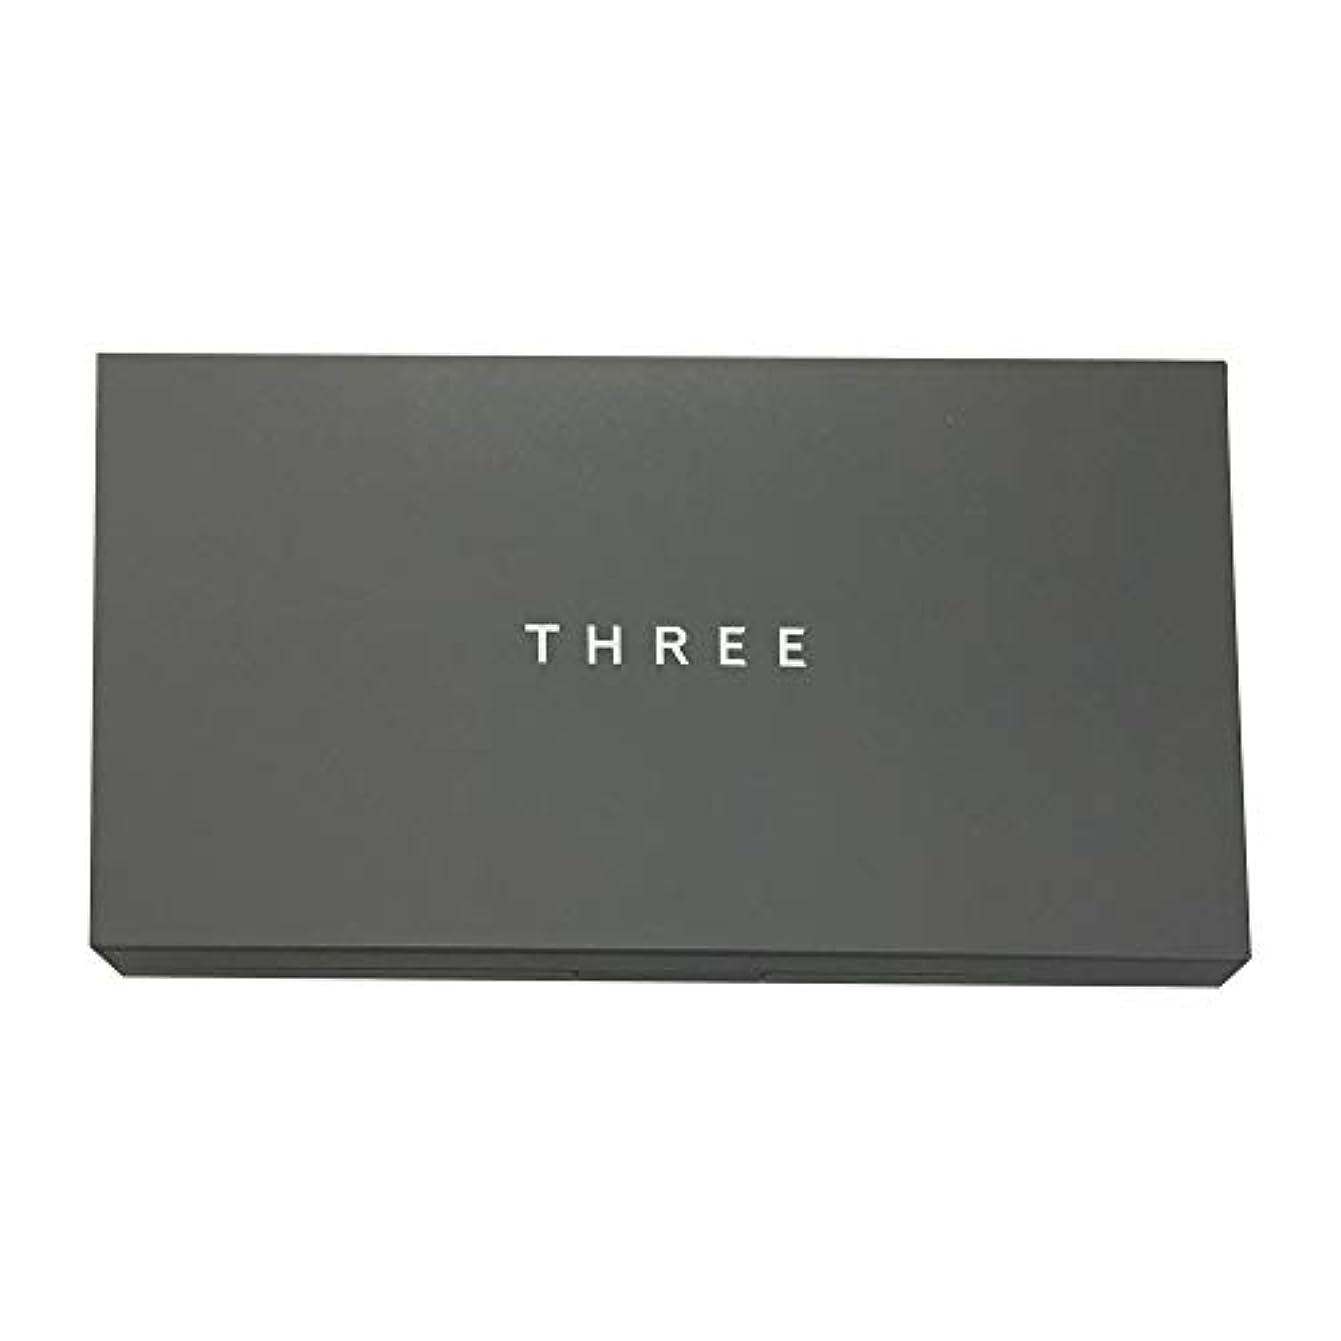 インレイ安定した楕円形THREE(スリー) プリスティーンコンプレクションパウダーファンデーション ケース [ ケース ] [並行輸入品]